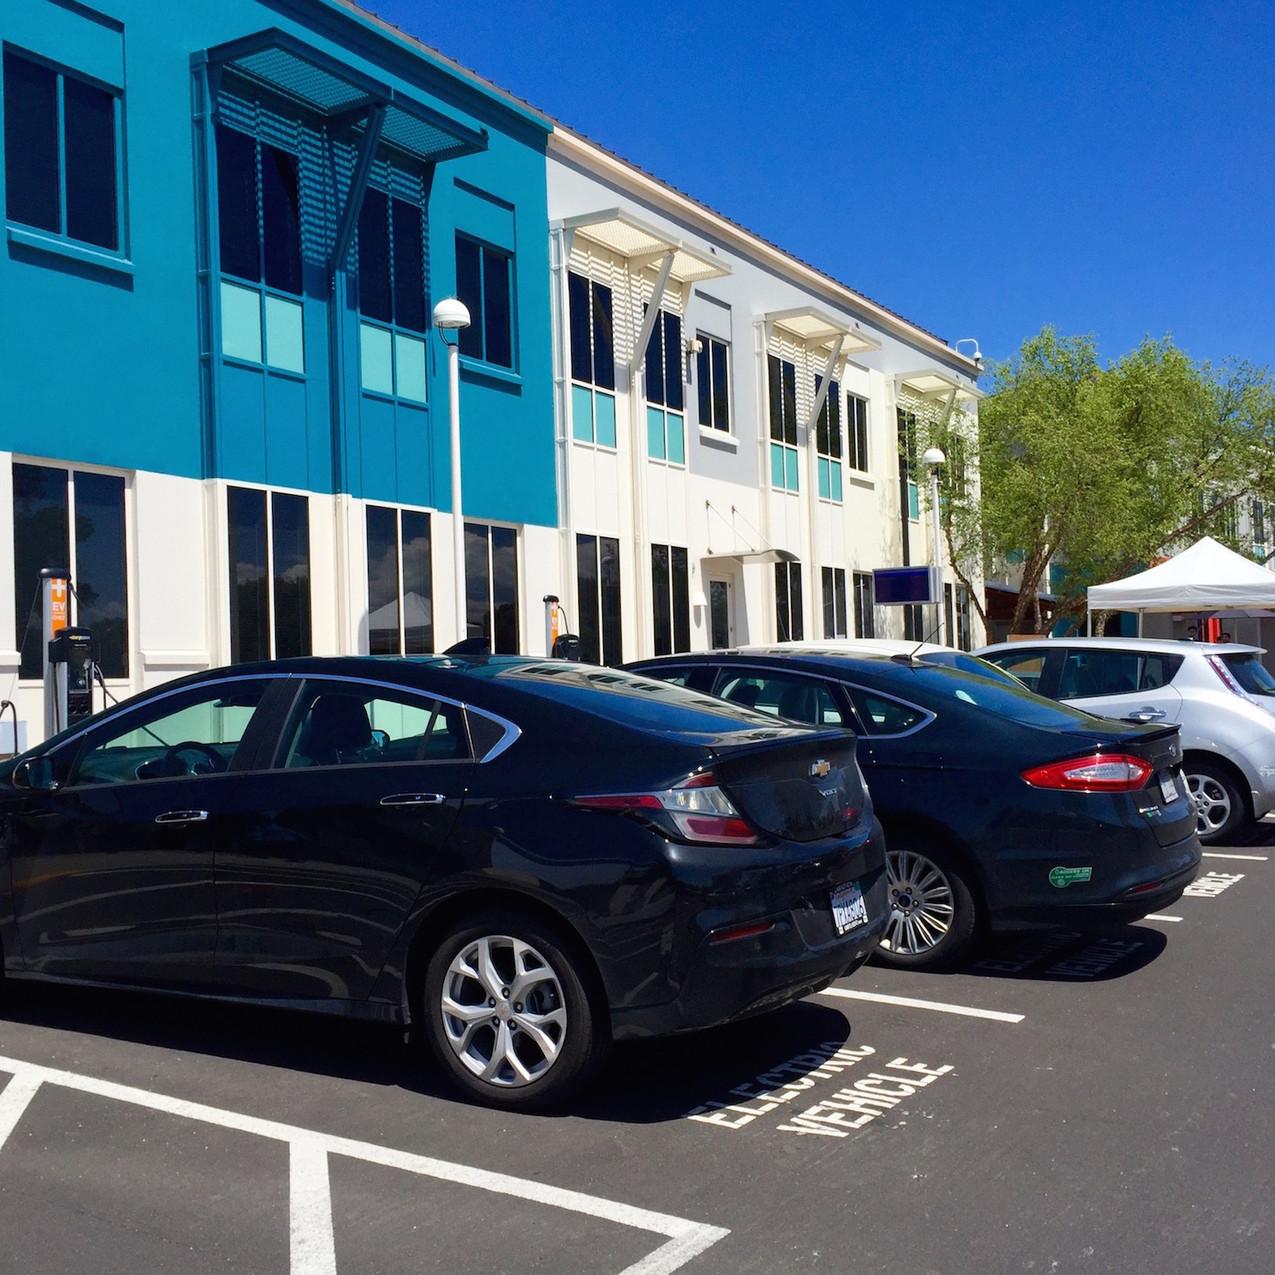 Facebook-campus-Silicon-Valley-electric-car-spyshot